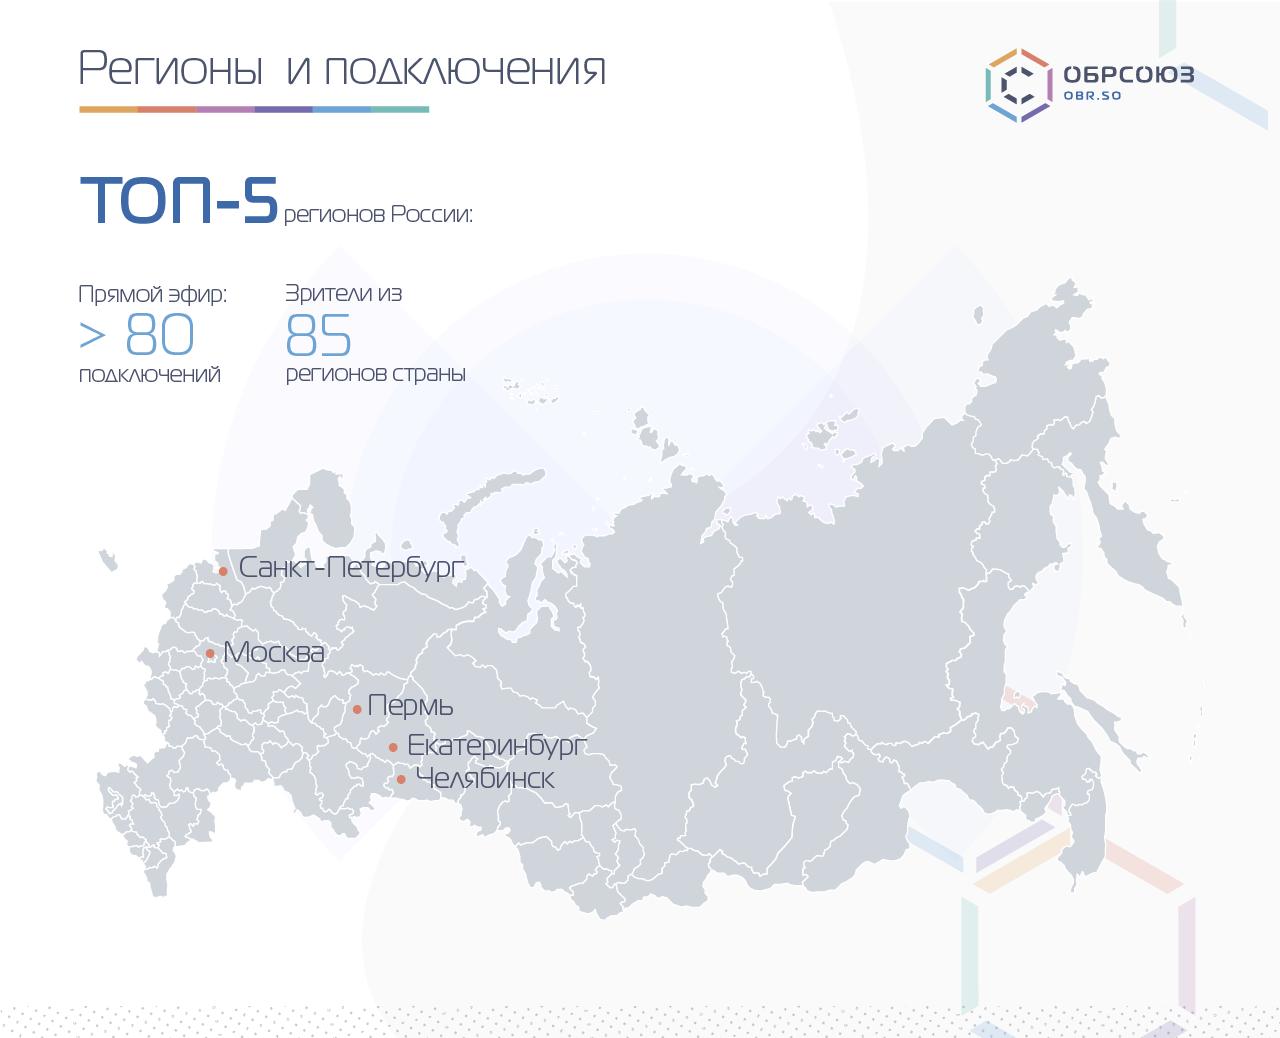 Регионы и подключения к эфиру онлайн-выпускного при соорганизации от Обрсоюза